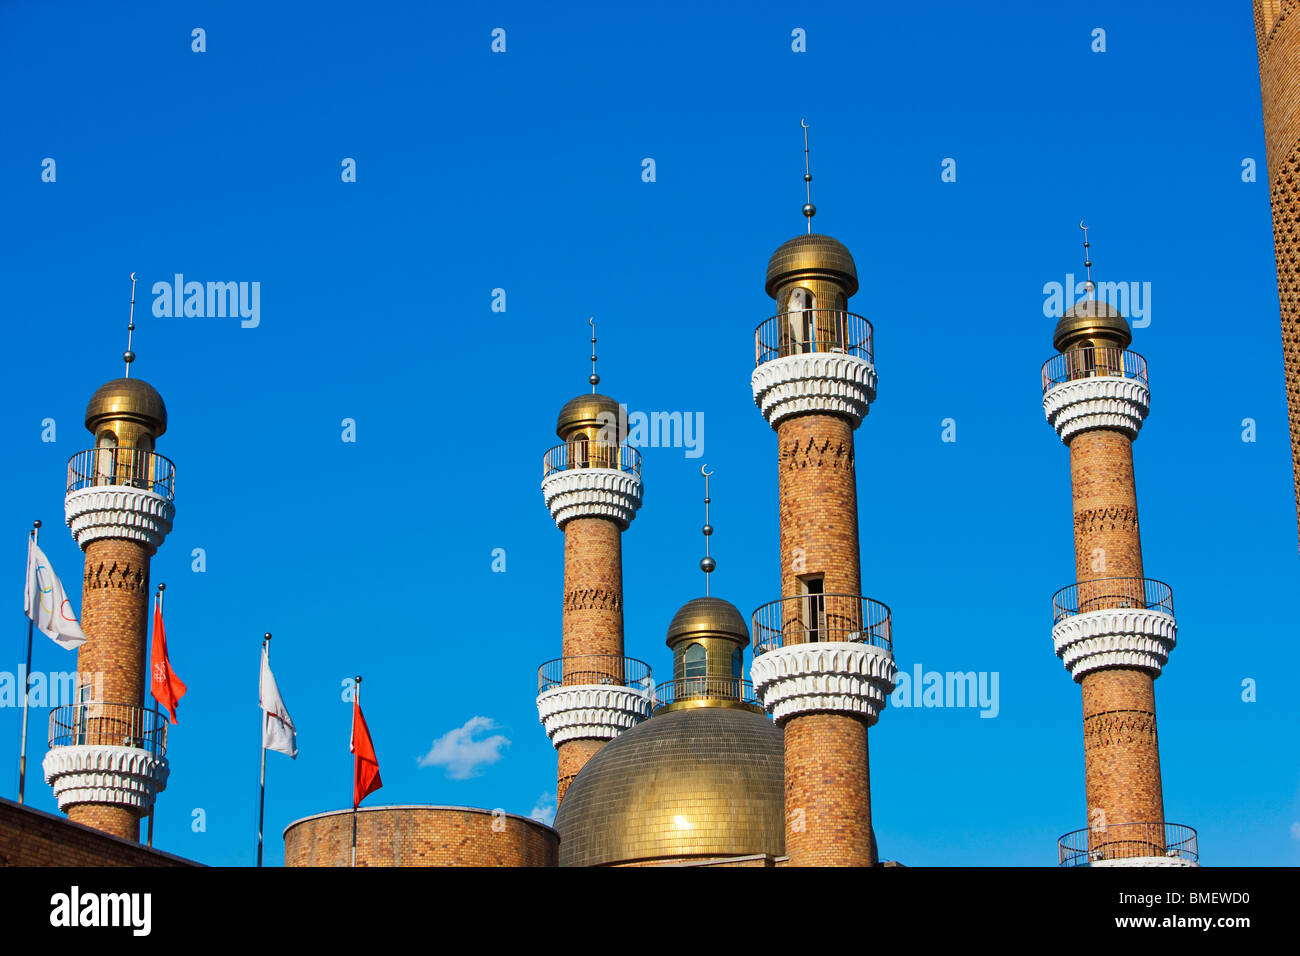 Musée des Arts Populaires, le Grand Bazar International, Urumqi, la région autonome ouïghoure du Photo Stock